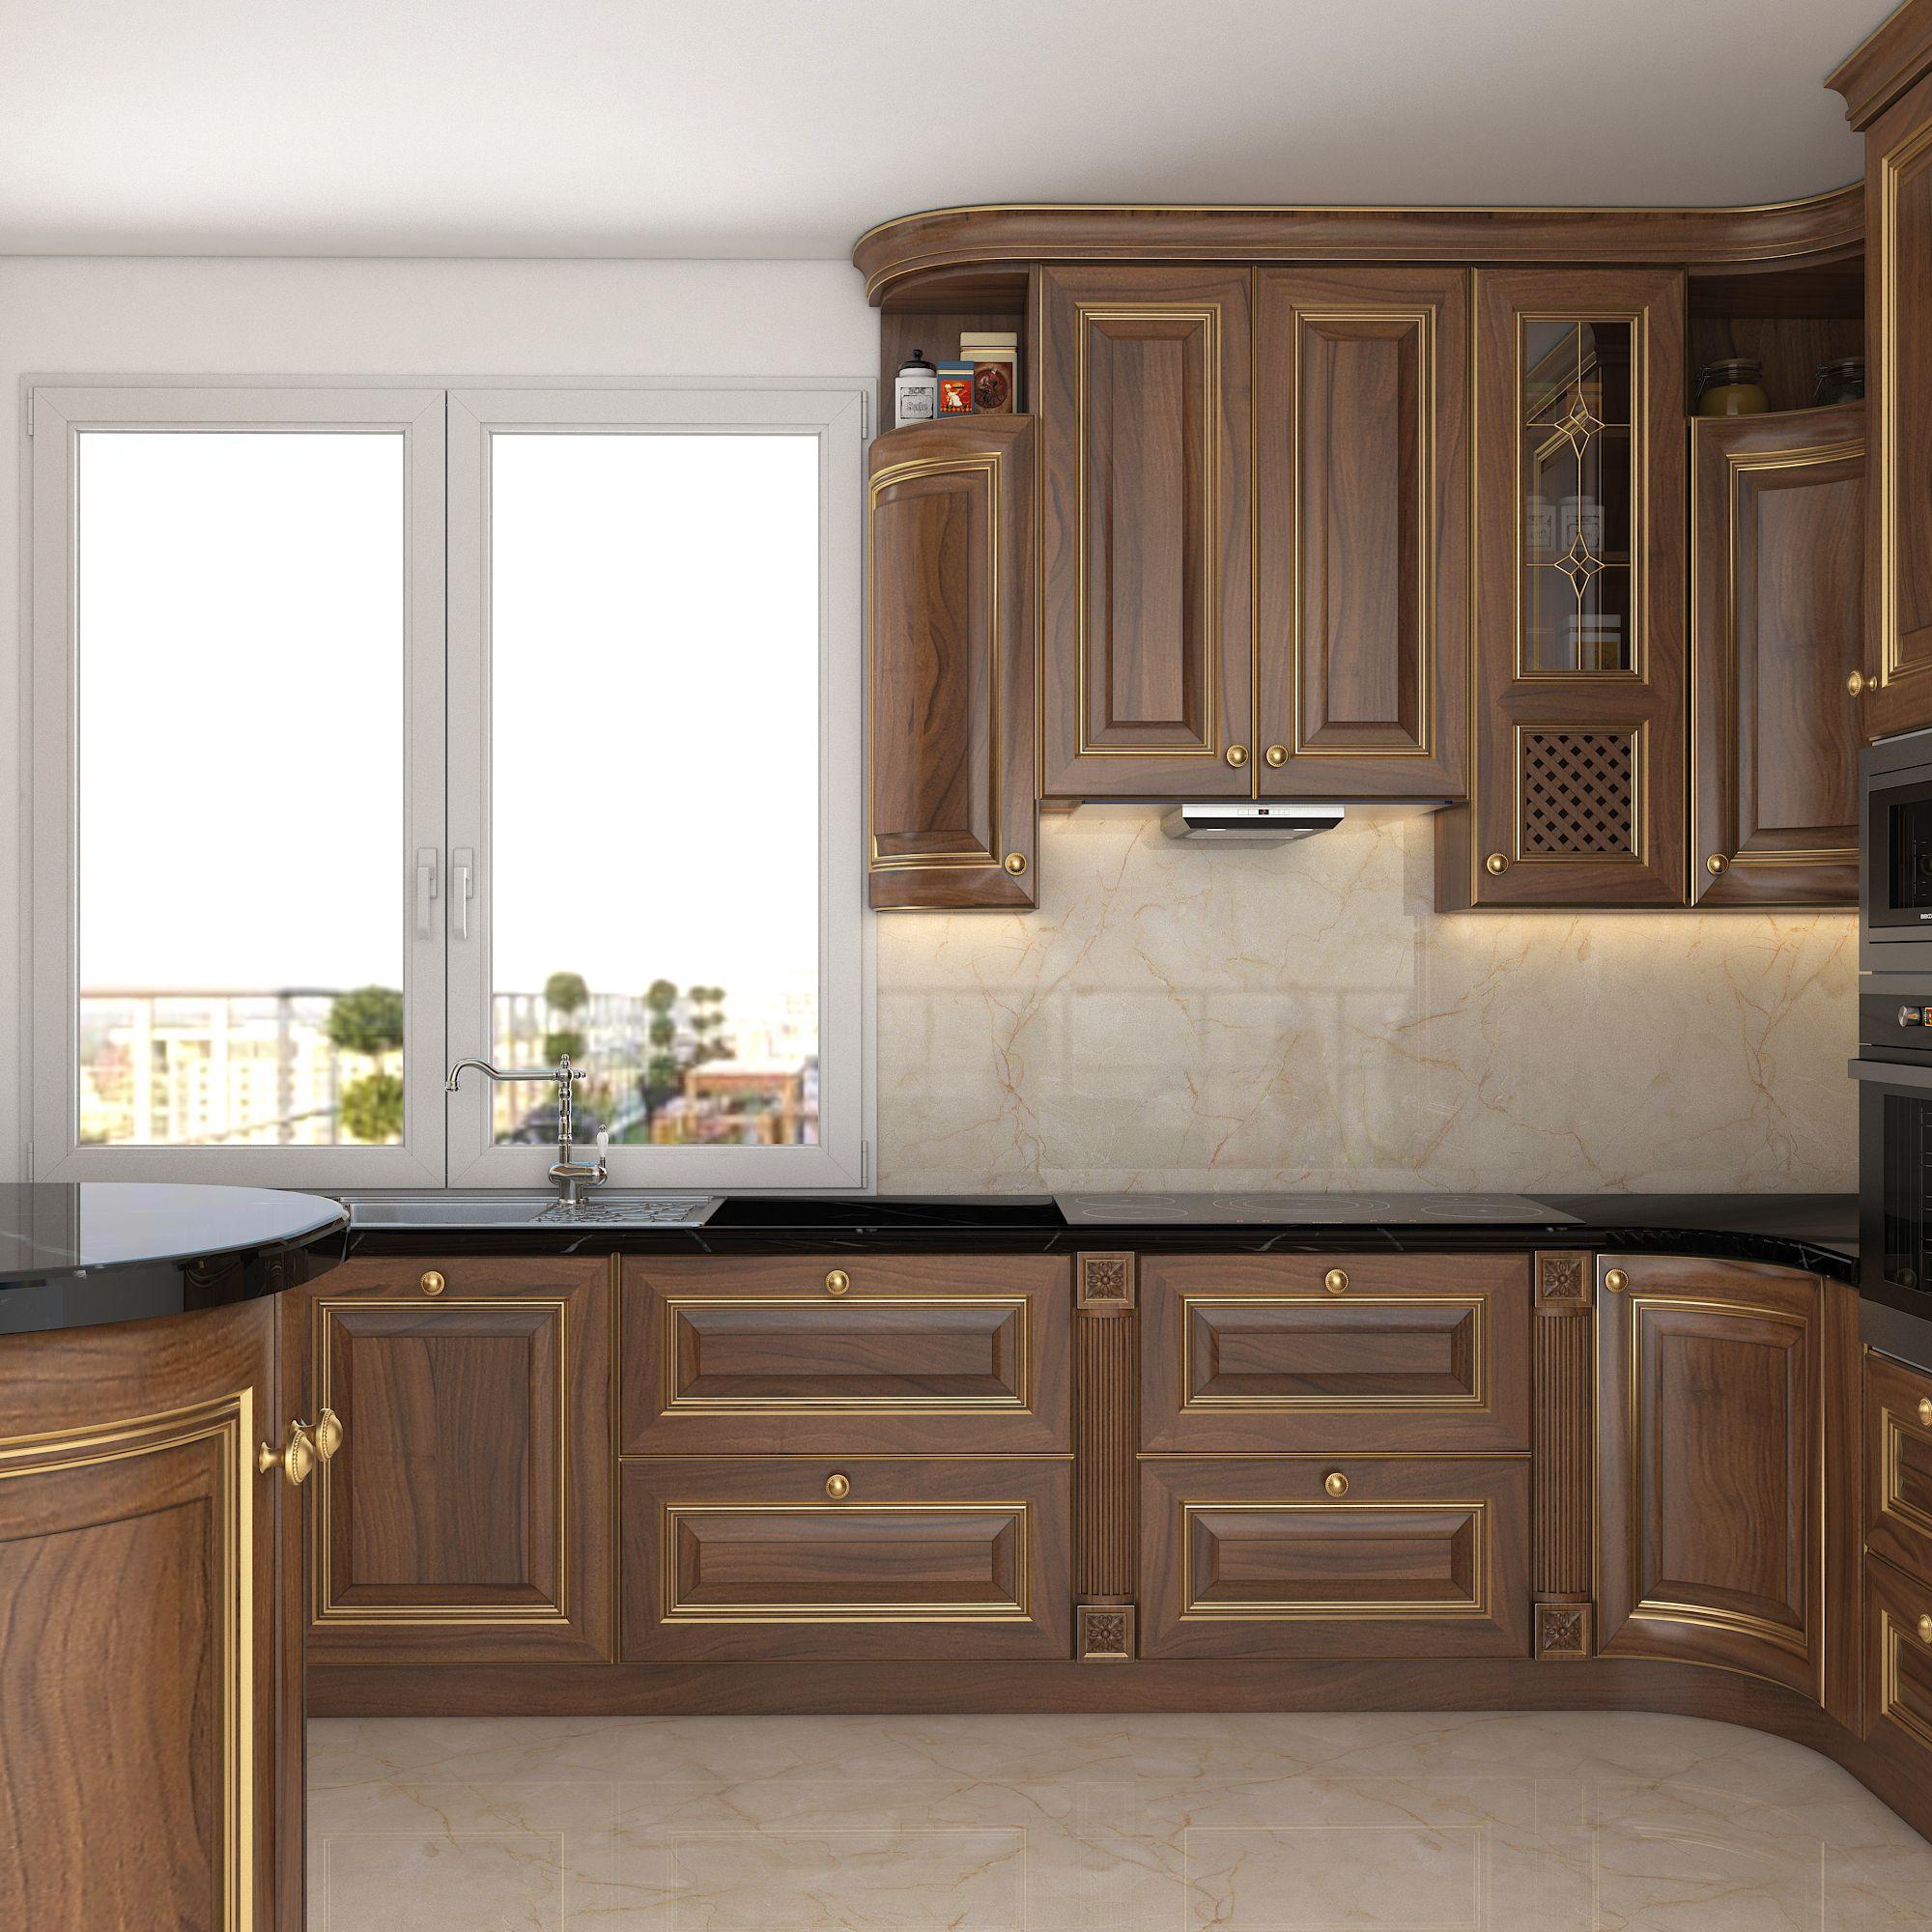 Classic Kitchen 2 Ad Classic Kitchen In 2020 Classic Kitchens Kitchen Kitchen Cabinets